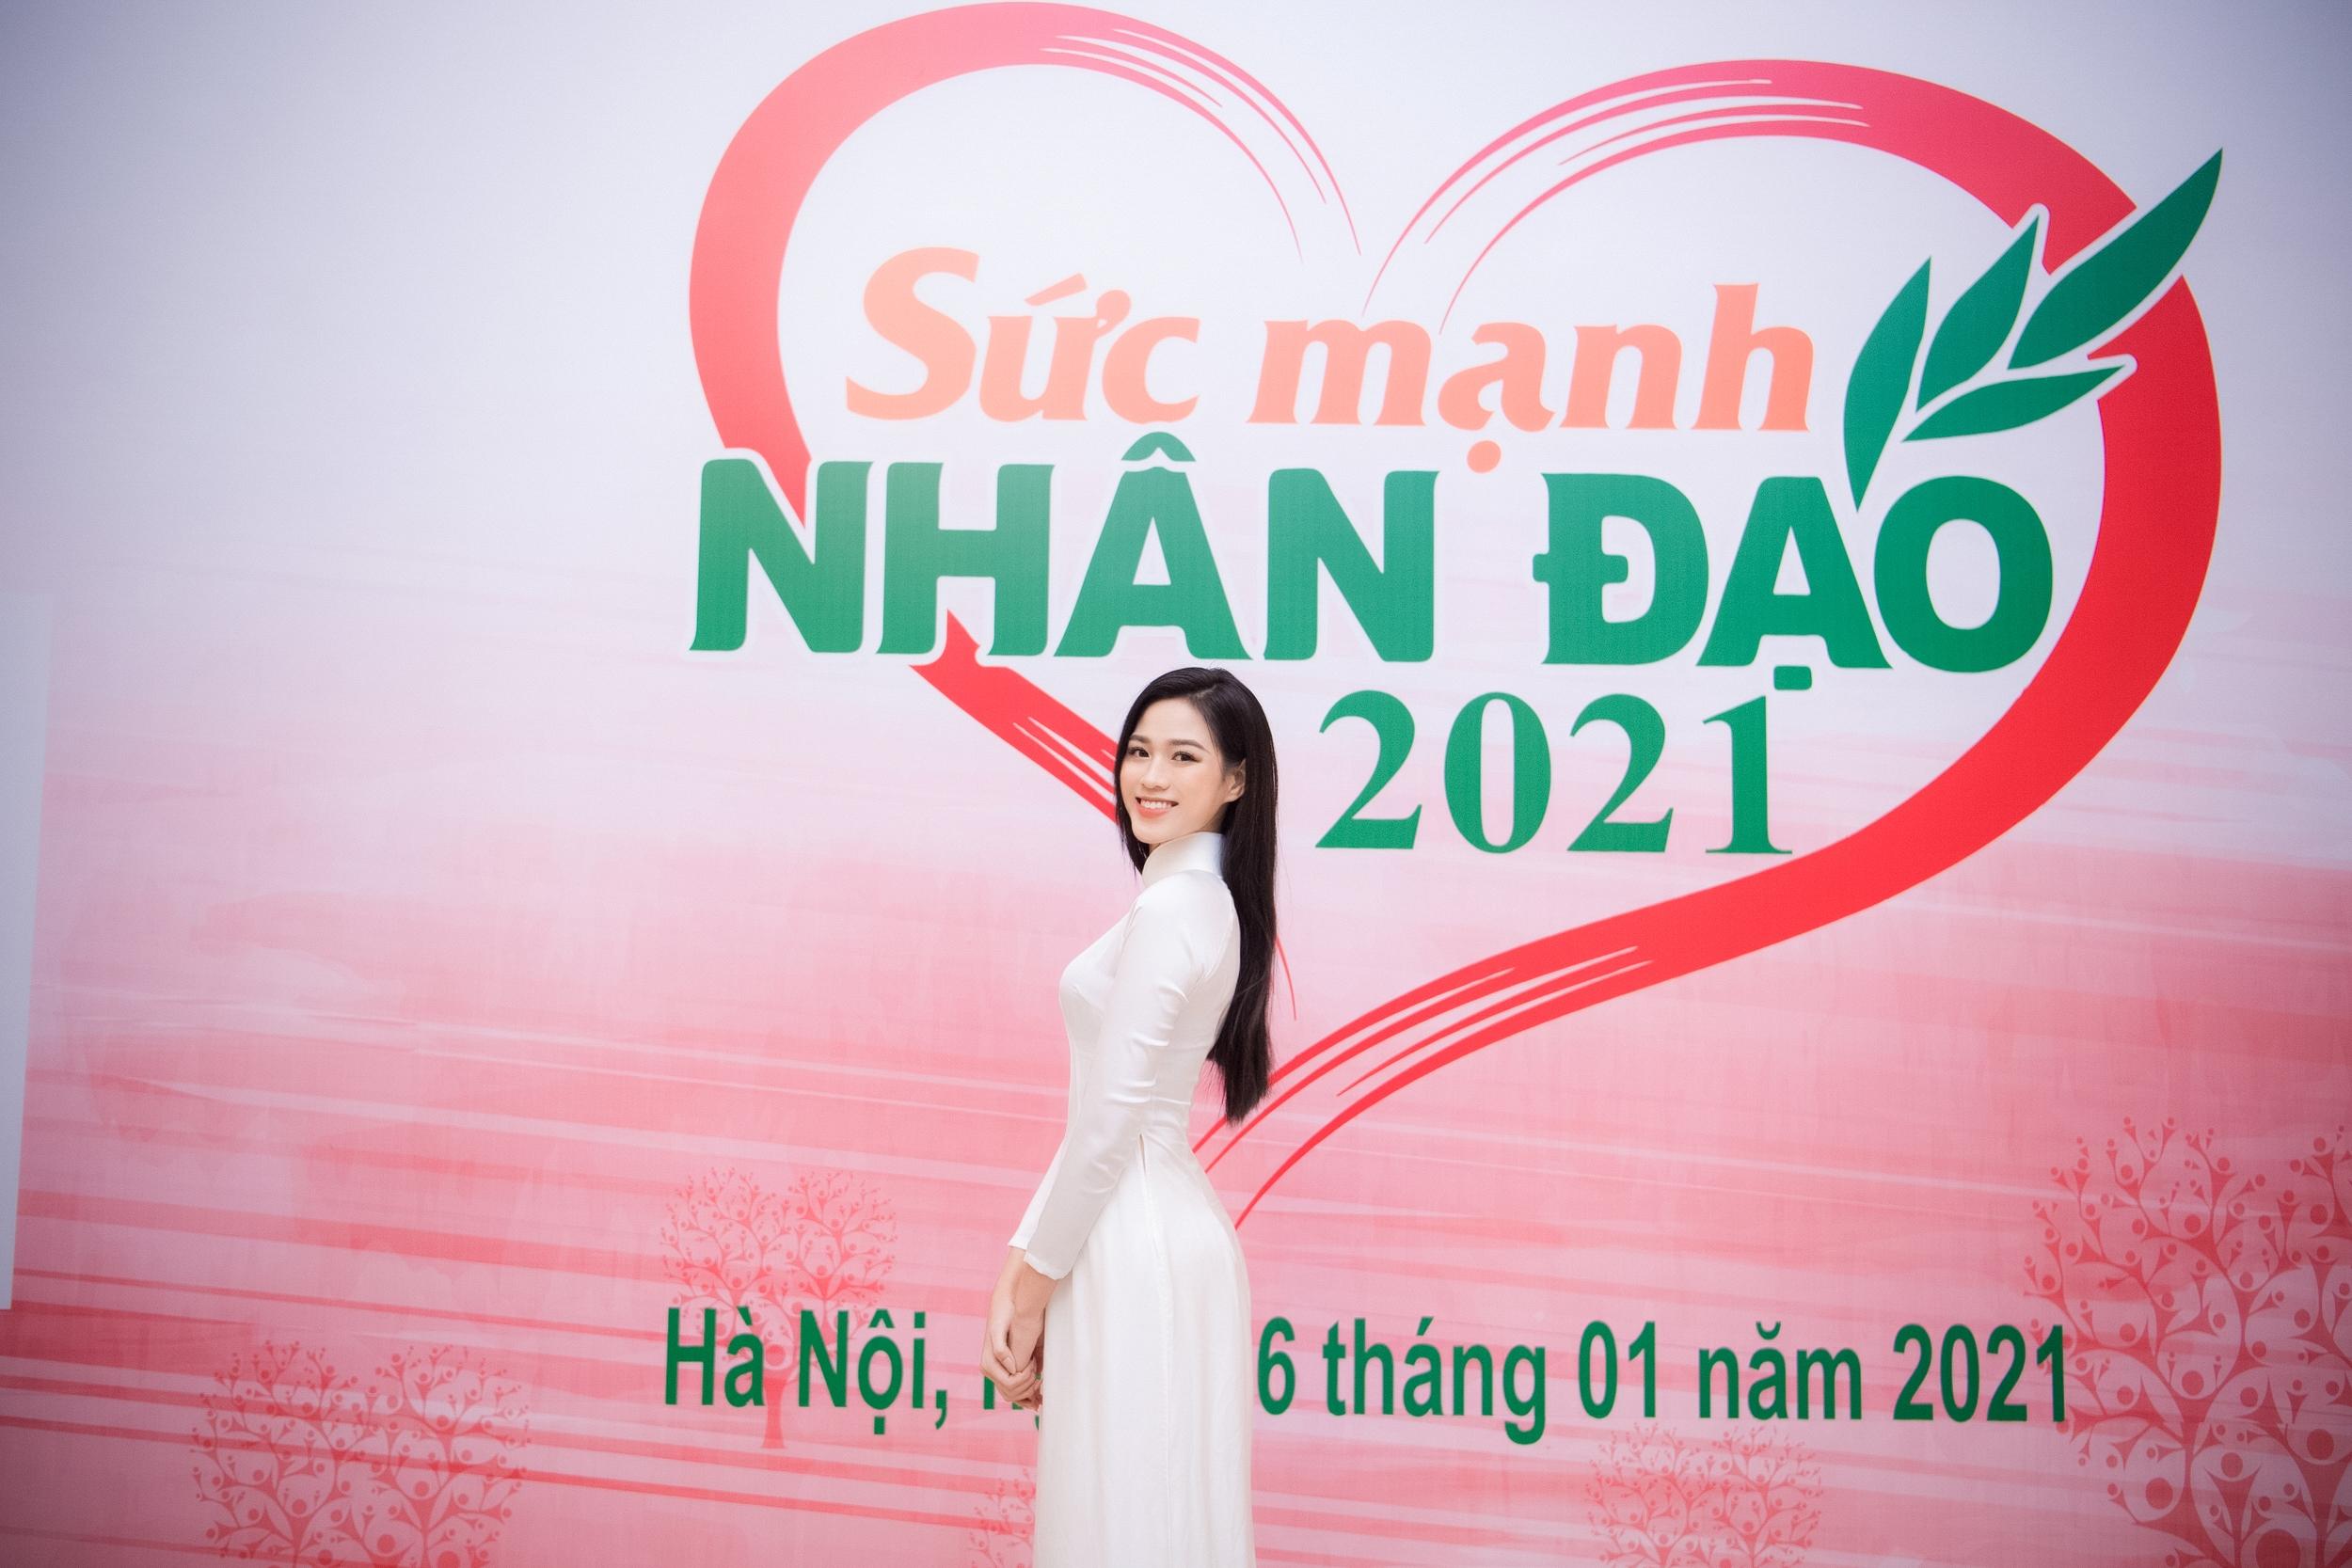 Hoa hậu Đỗ Thị Hà trở thành đại sứ Hội Chữ thập đỏ Việt Nam